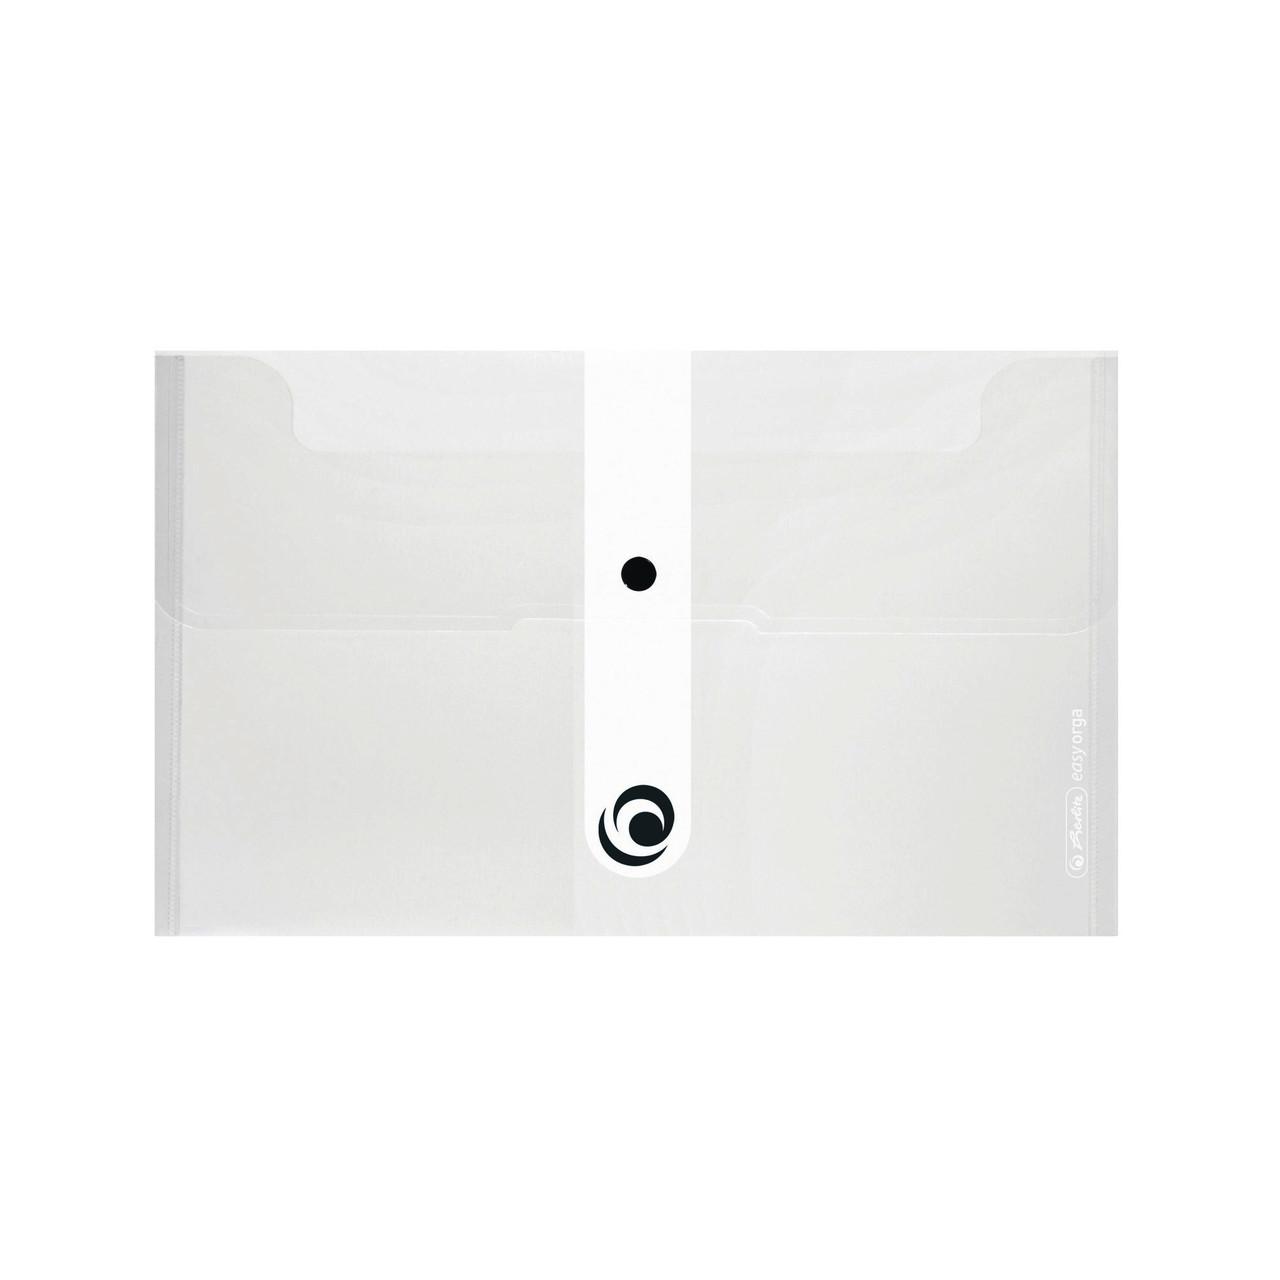 Папка на кнопке Herlitz 22.5x13см 200мкм Easy Orga To Go голубая полупрозрачная (11207081)